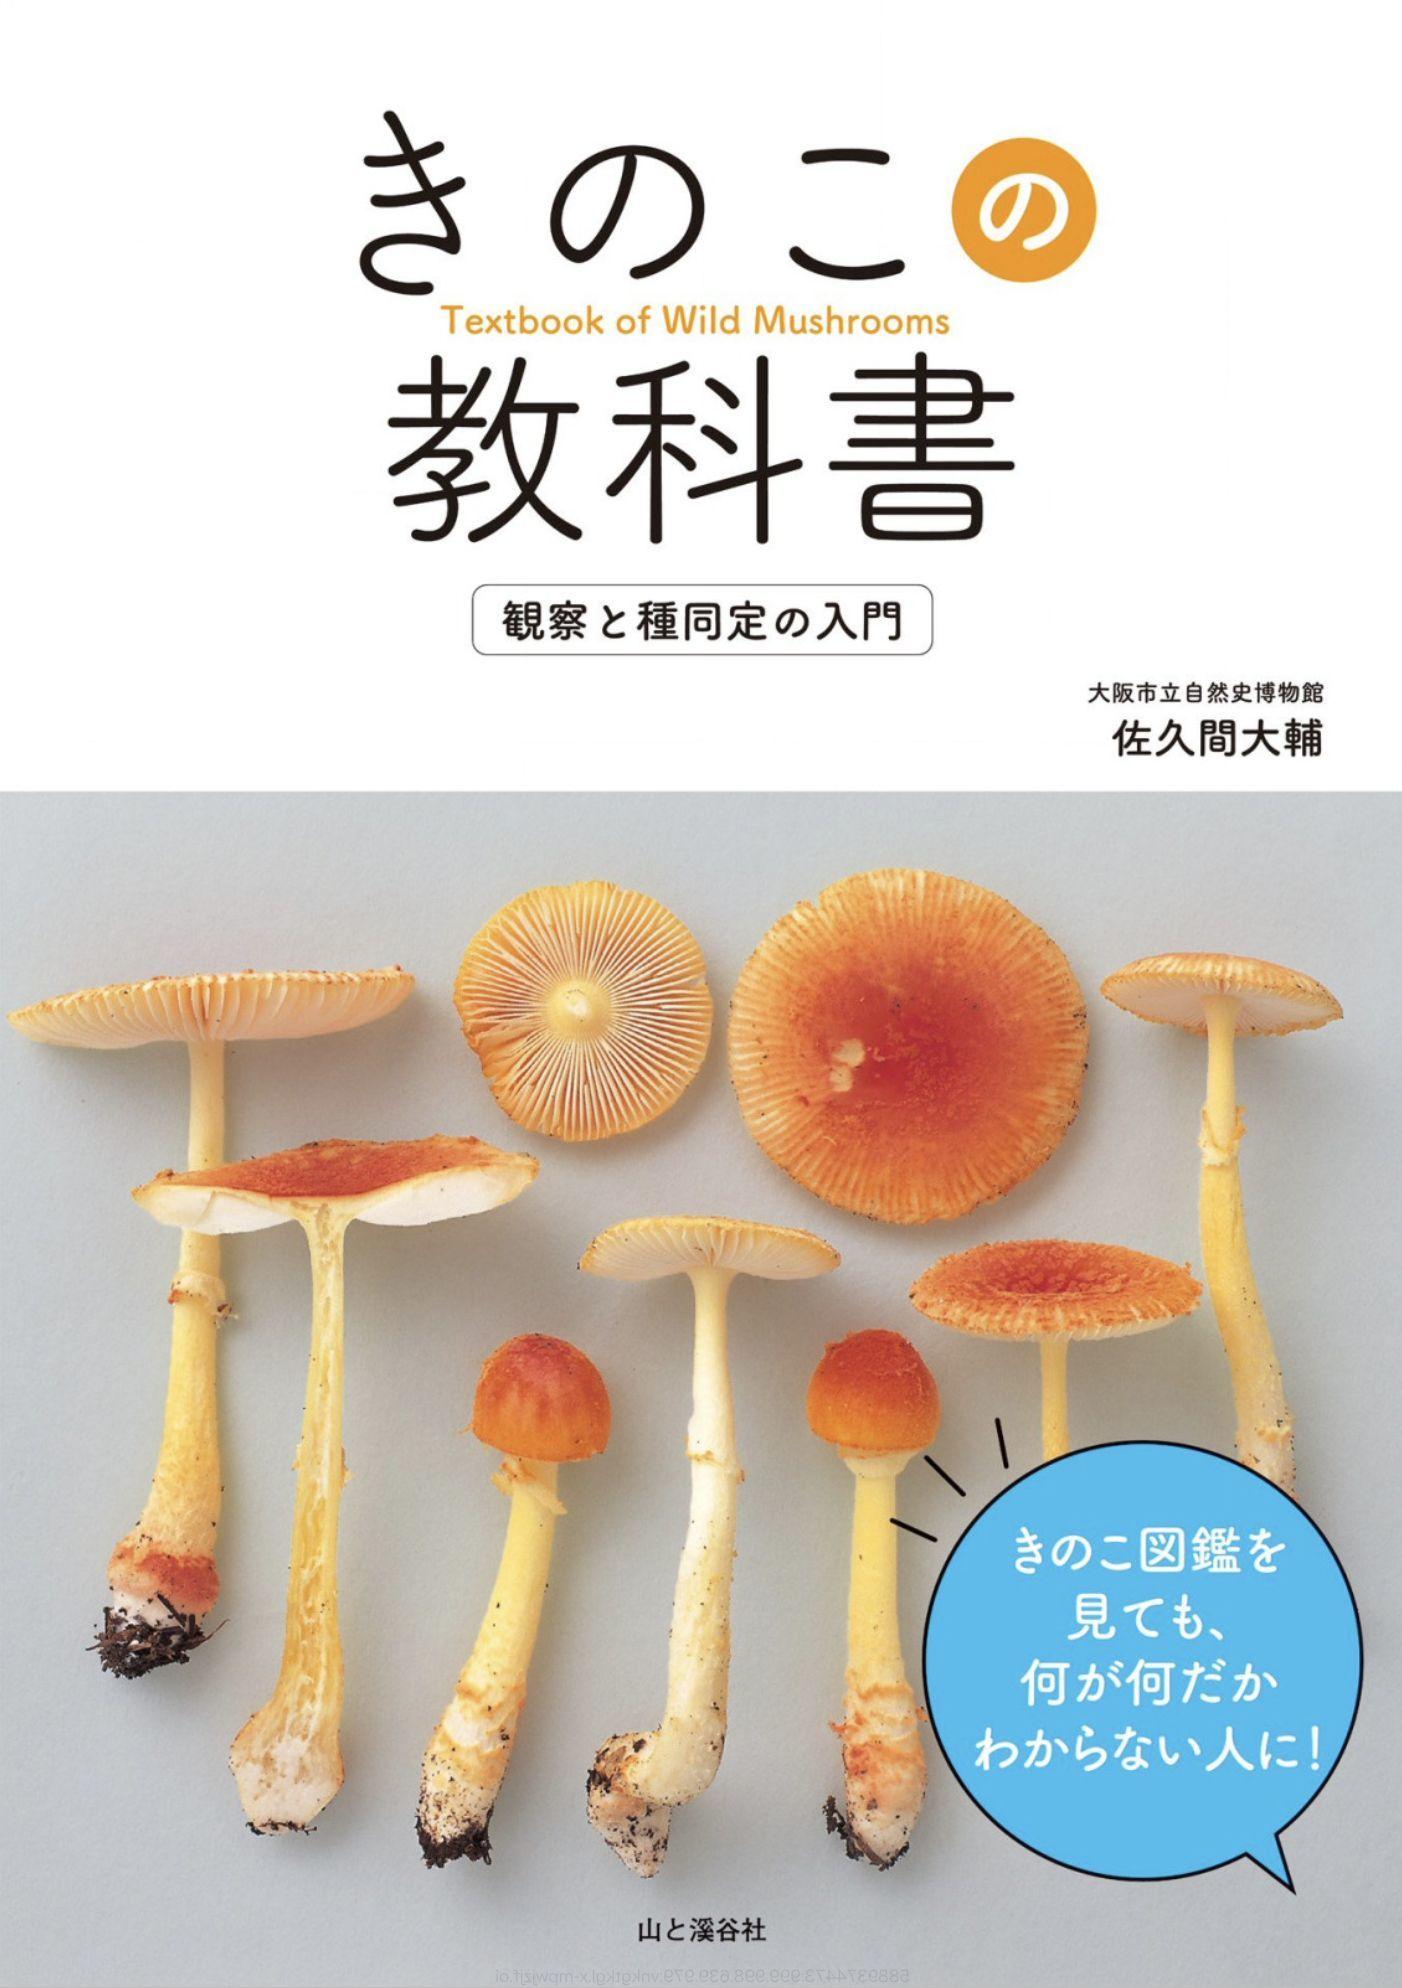 寒さが戻り「キノコの教科書」を読む_c0025115_21135491.jpg